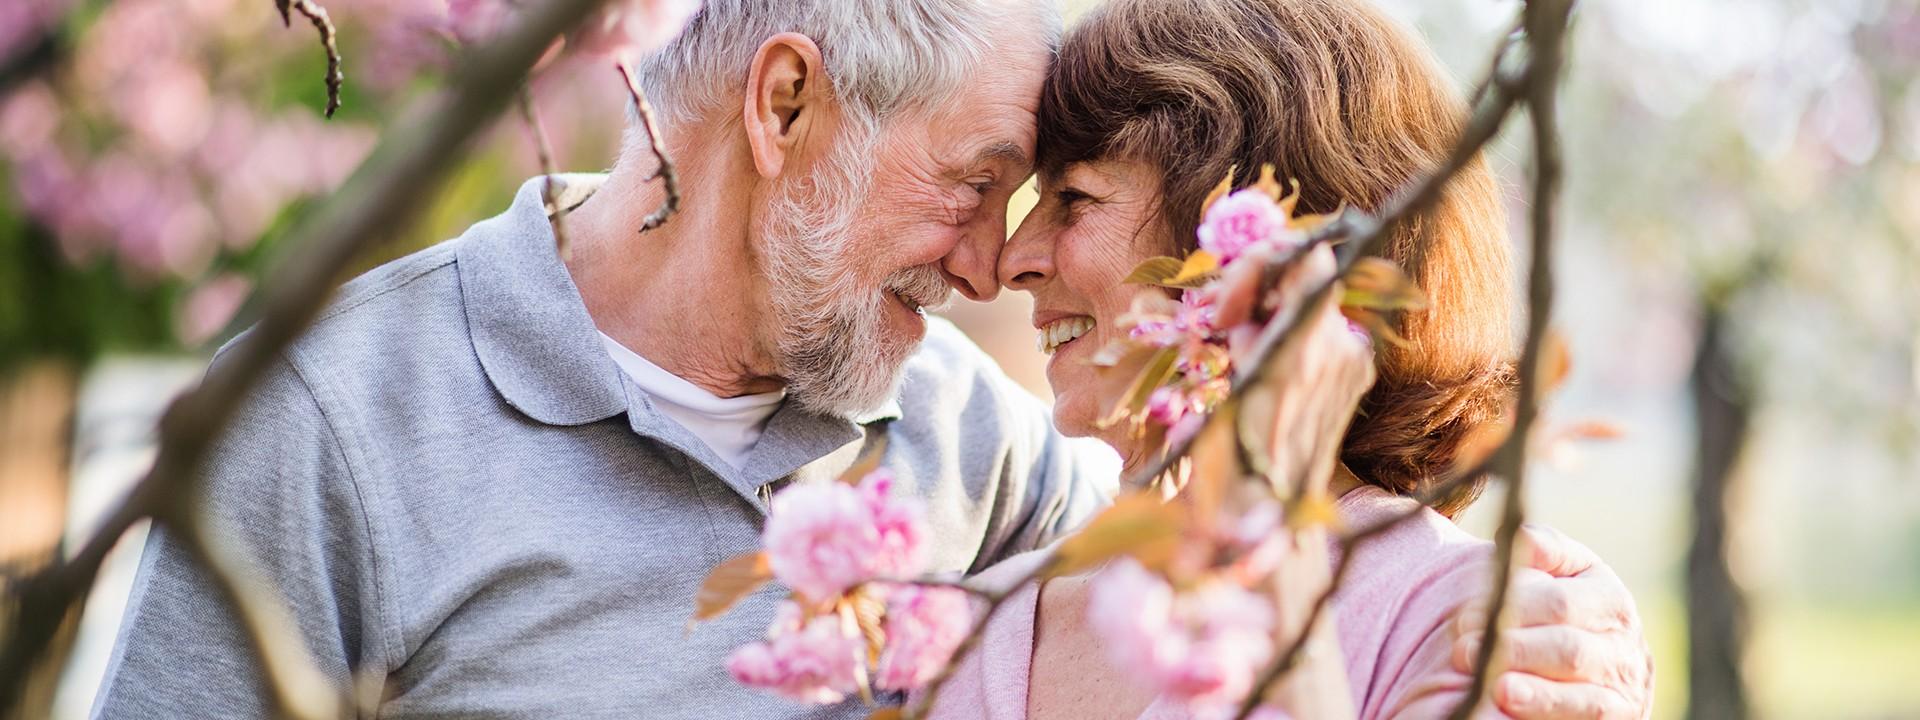 Ein Seniorpaar umarmt sich im Park unter einem blühenden Kirschbaum.